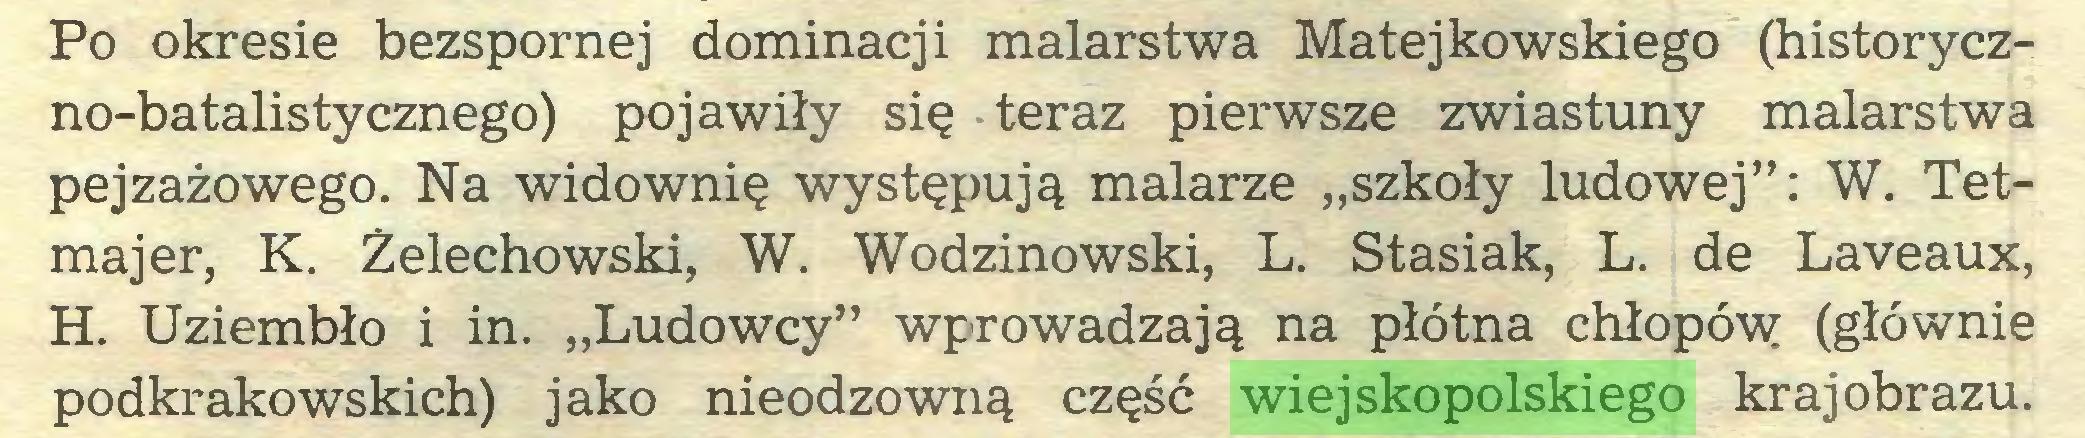 """(...) Po okresie bezspornej dominacji malarstwa Matejkowskiego (historyczno-batalistycznego) pojawiły się teraz pierwsze zwiastuny malarstwa pejzażowego. Na widownię występują malarze """"szkoły ludowej"""": W. Tetmajer, K. Żelechowski, W. Wodzinowski, L. Stasiak, L. de Laveaux, H. Uziembło i in. """"Ludowcy"""" wprowadzają na płótna chłopów (głównie podkrakowskich) jako nieodzowną część wiejskopolskiego krajobrazu..."""